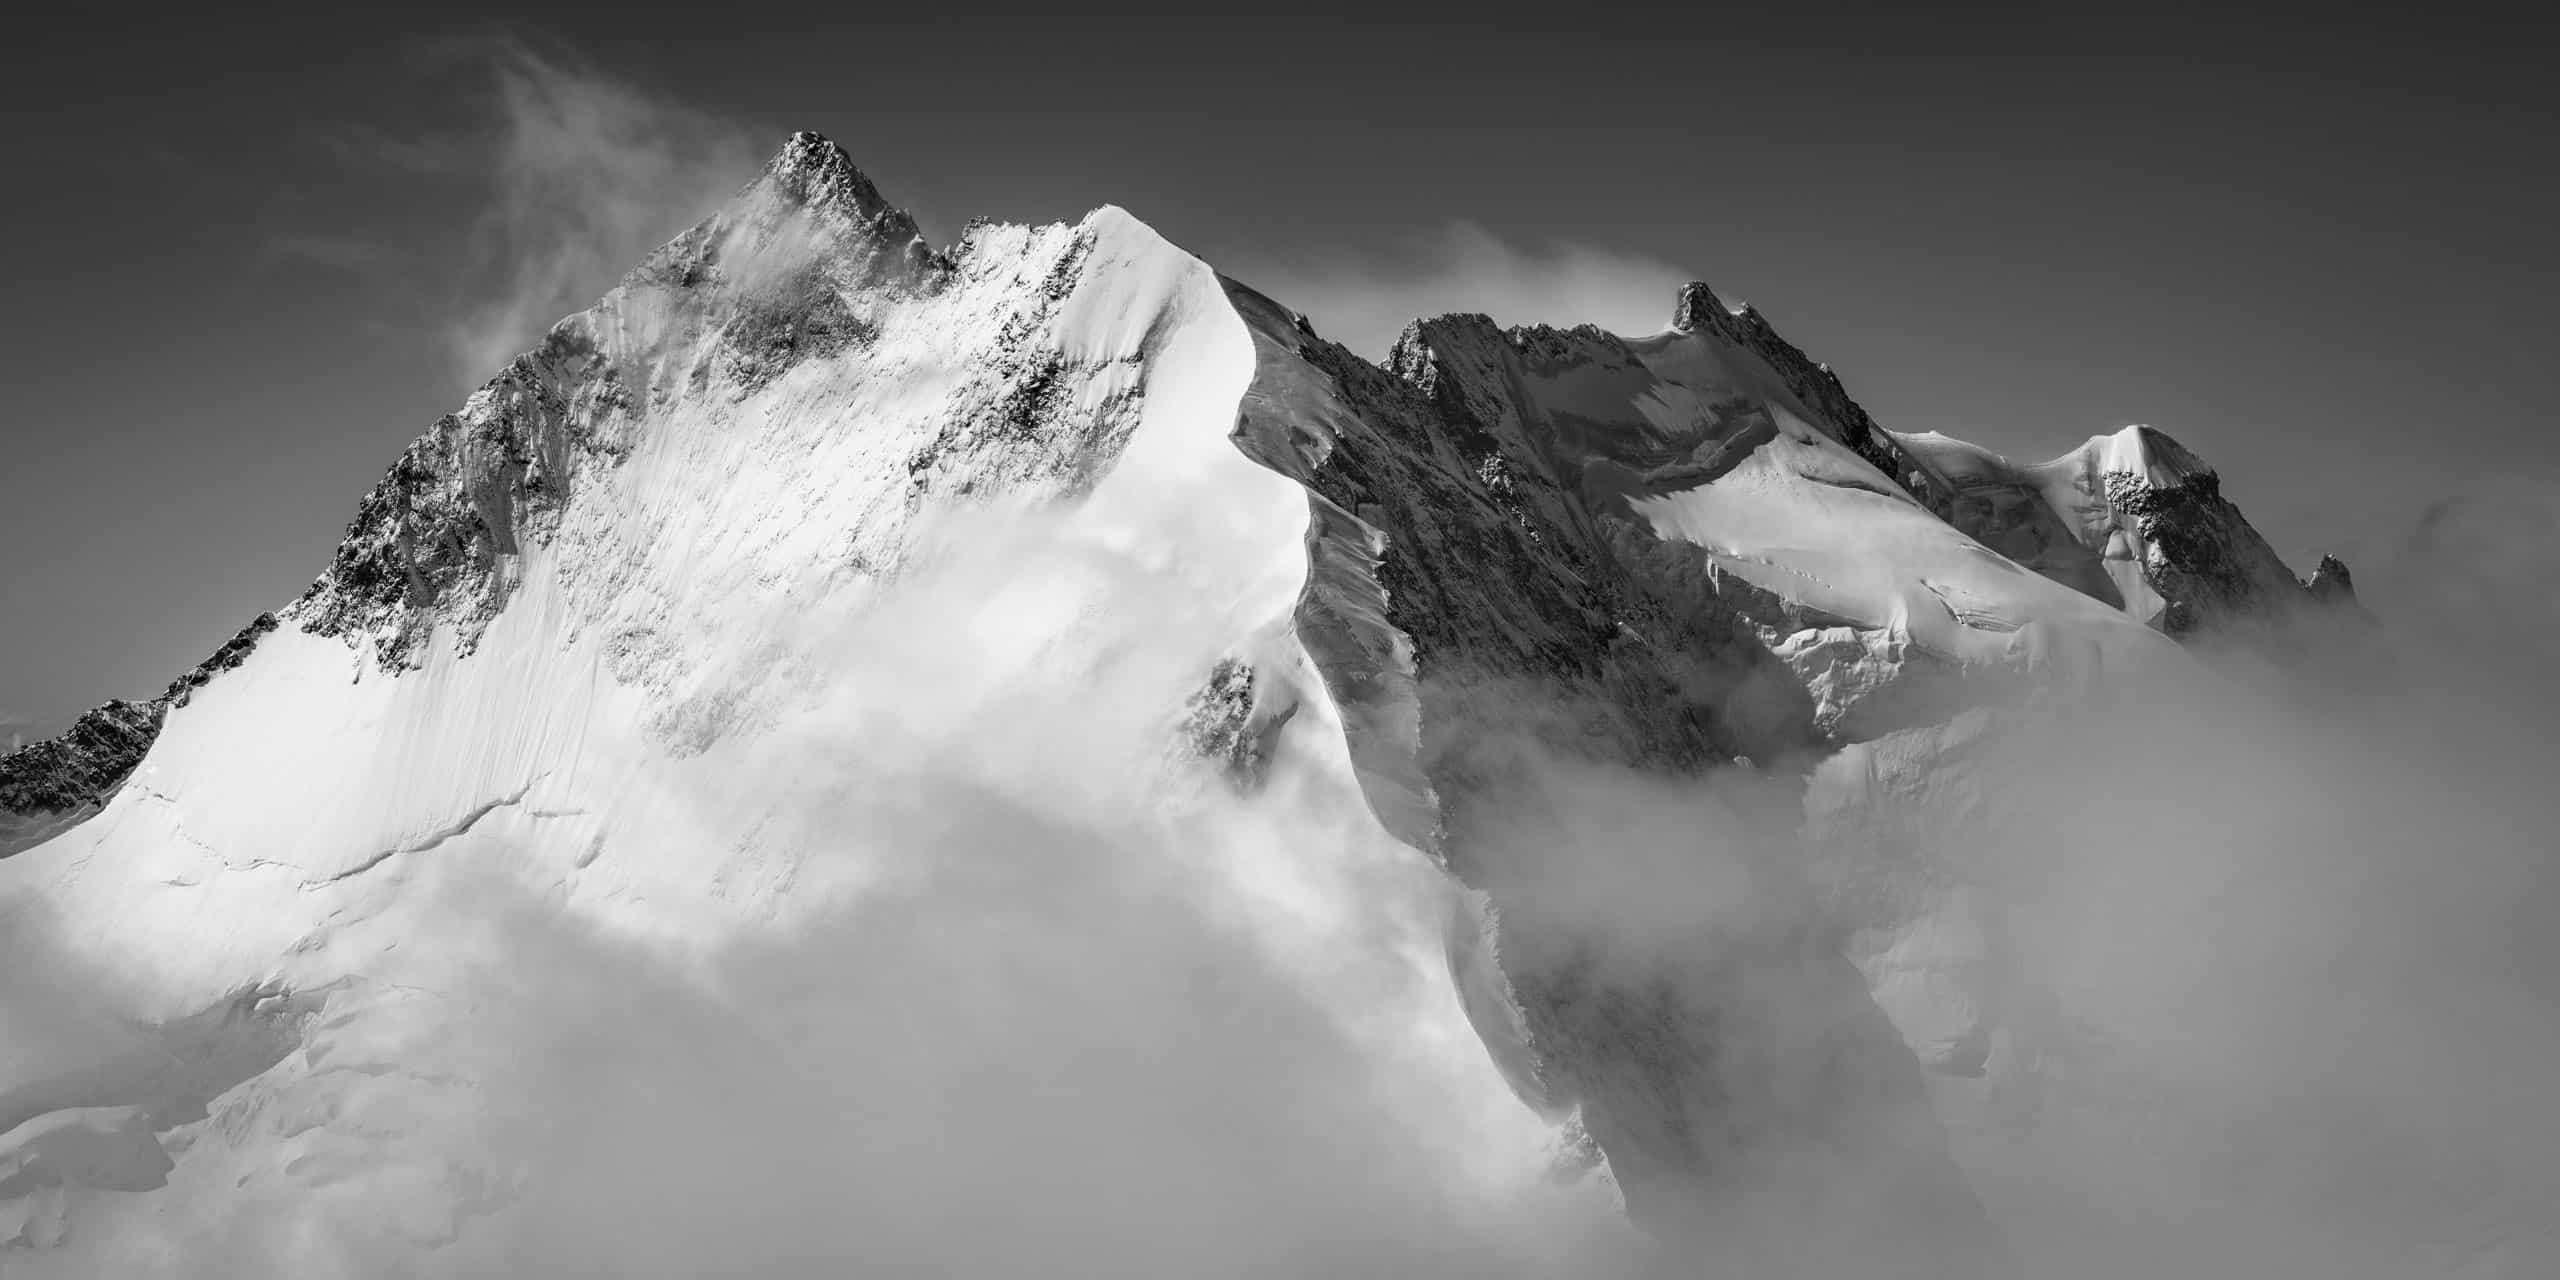 Image panoramique piz bernina - photo biancograt - Engadine Alpes Suisses - panorama noir et blanc montagne st-moritz